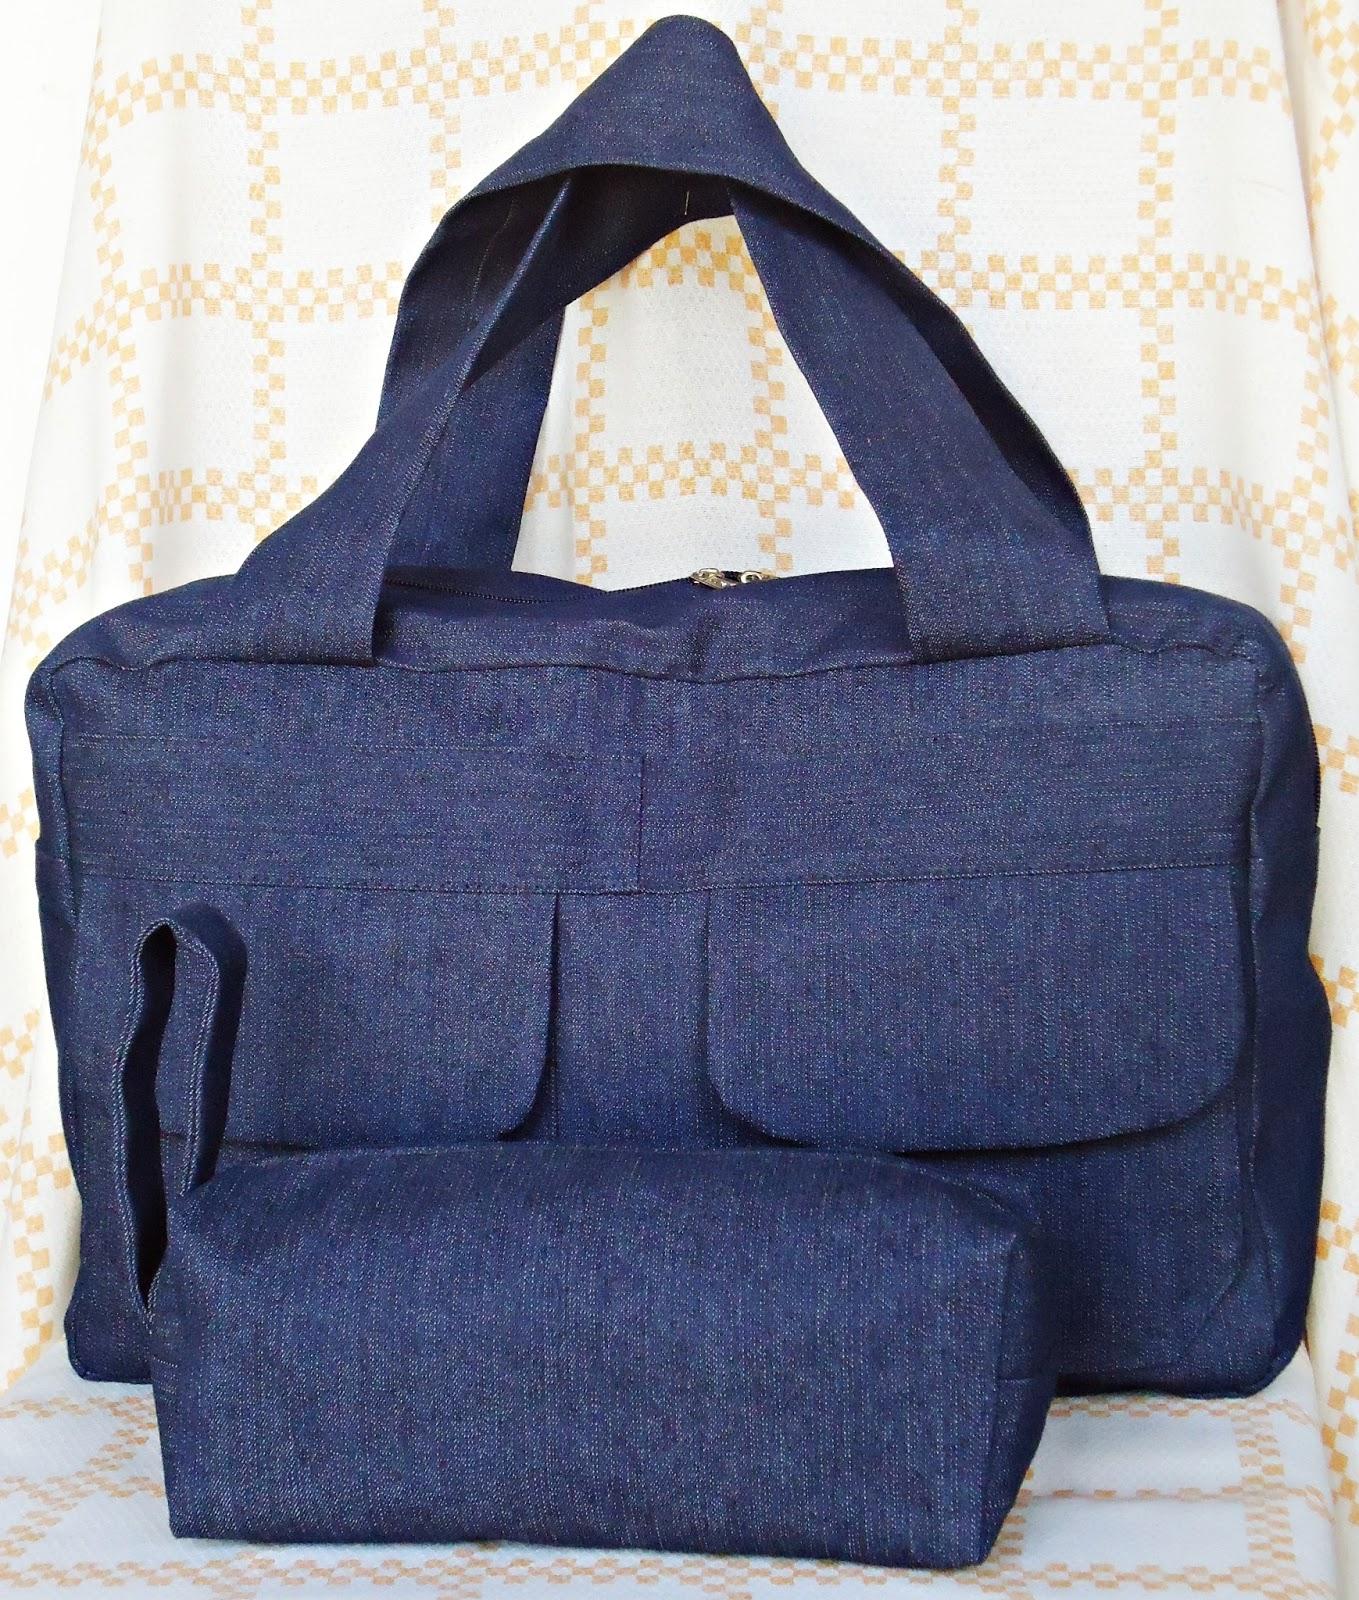 Bolsa De Tecido Jeans Passo A Passo : A modista bolsas artesanais bolsa maleta em jeans